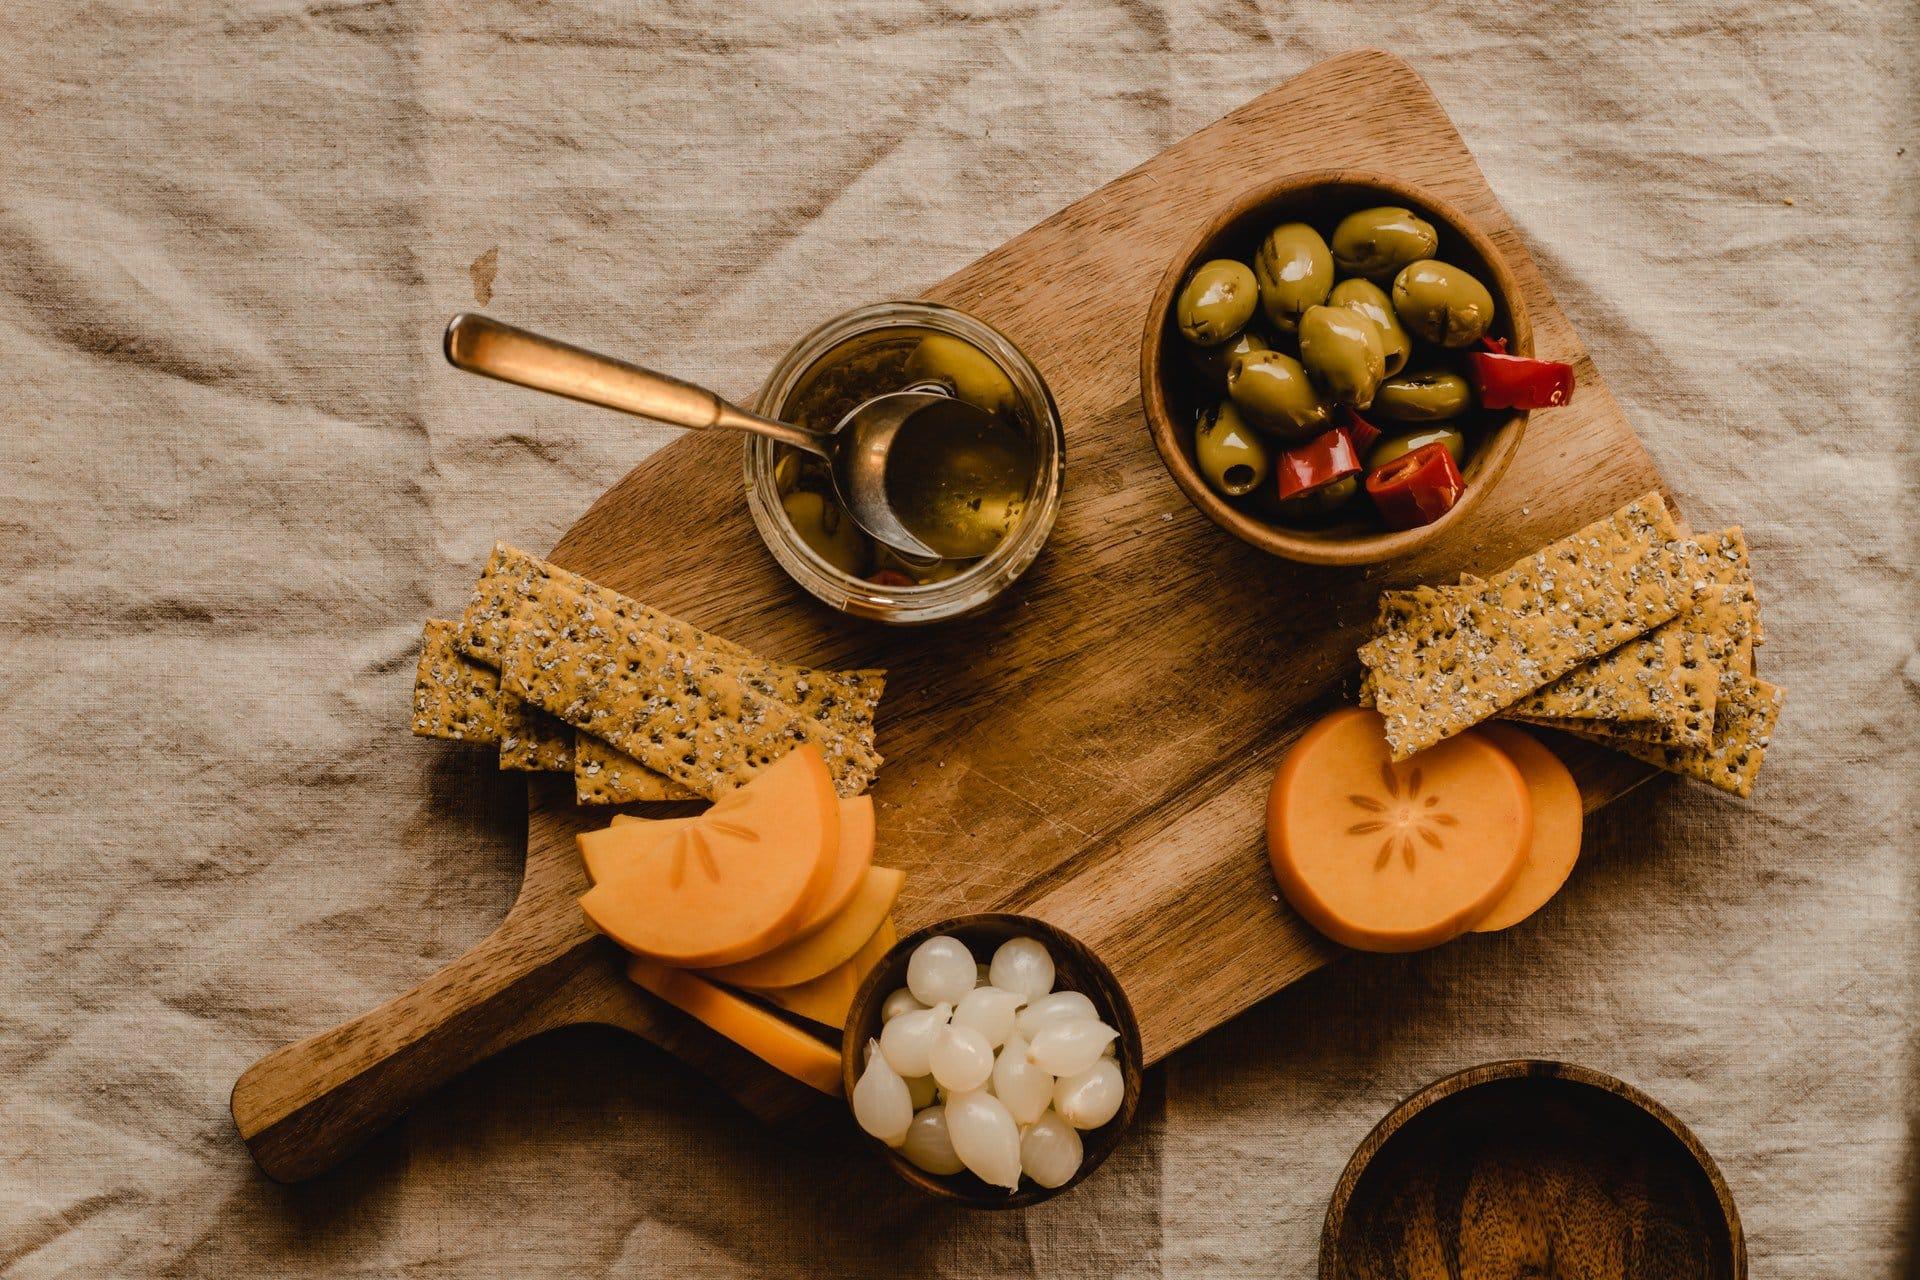 ¿Por qué el aceite de oliva es amargo y picante?